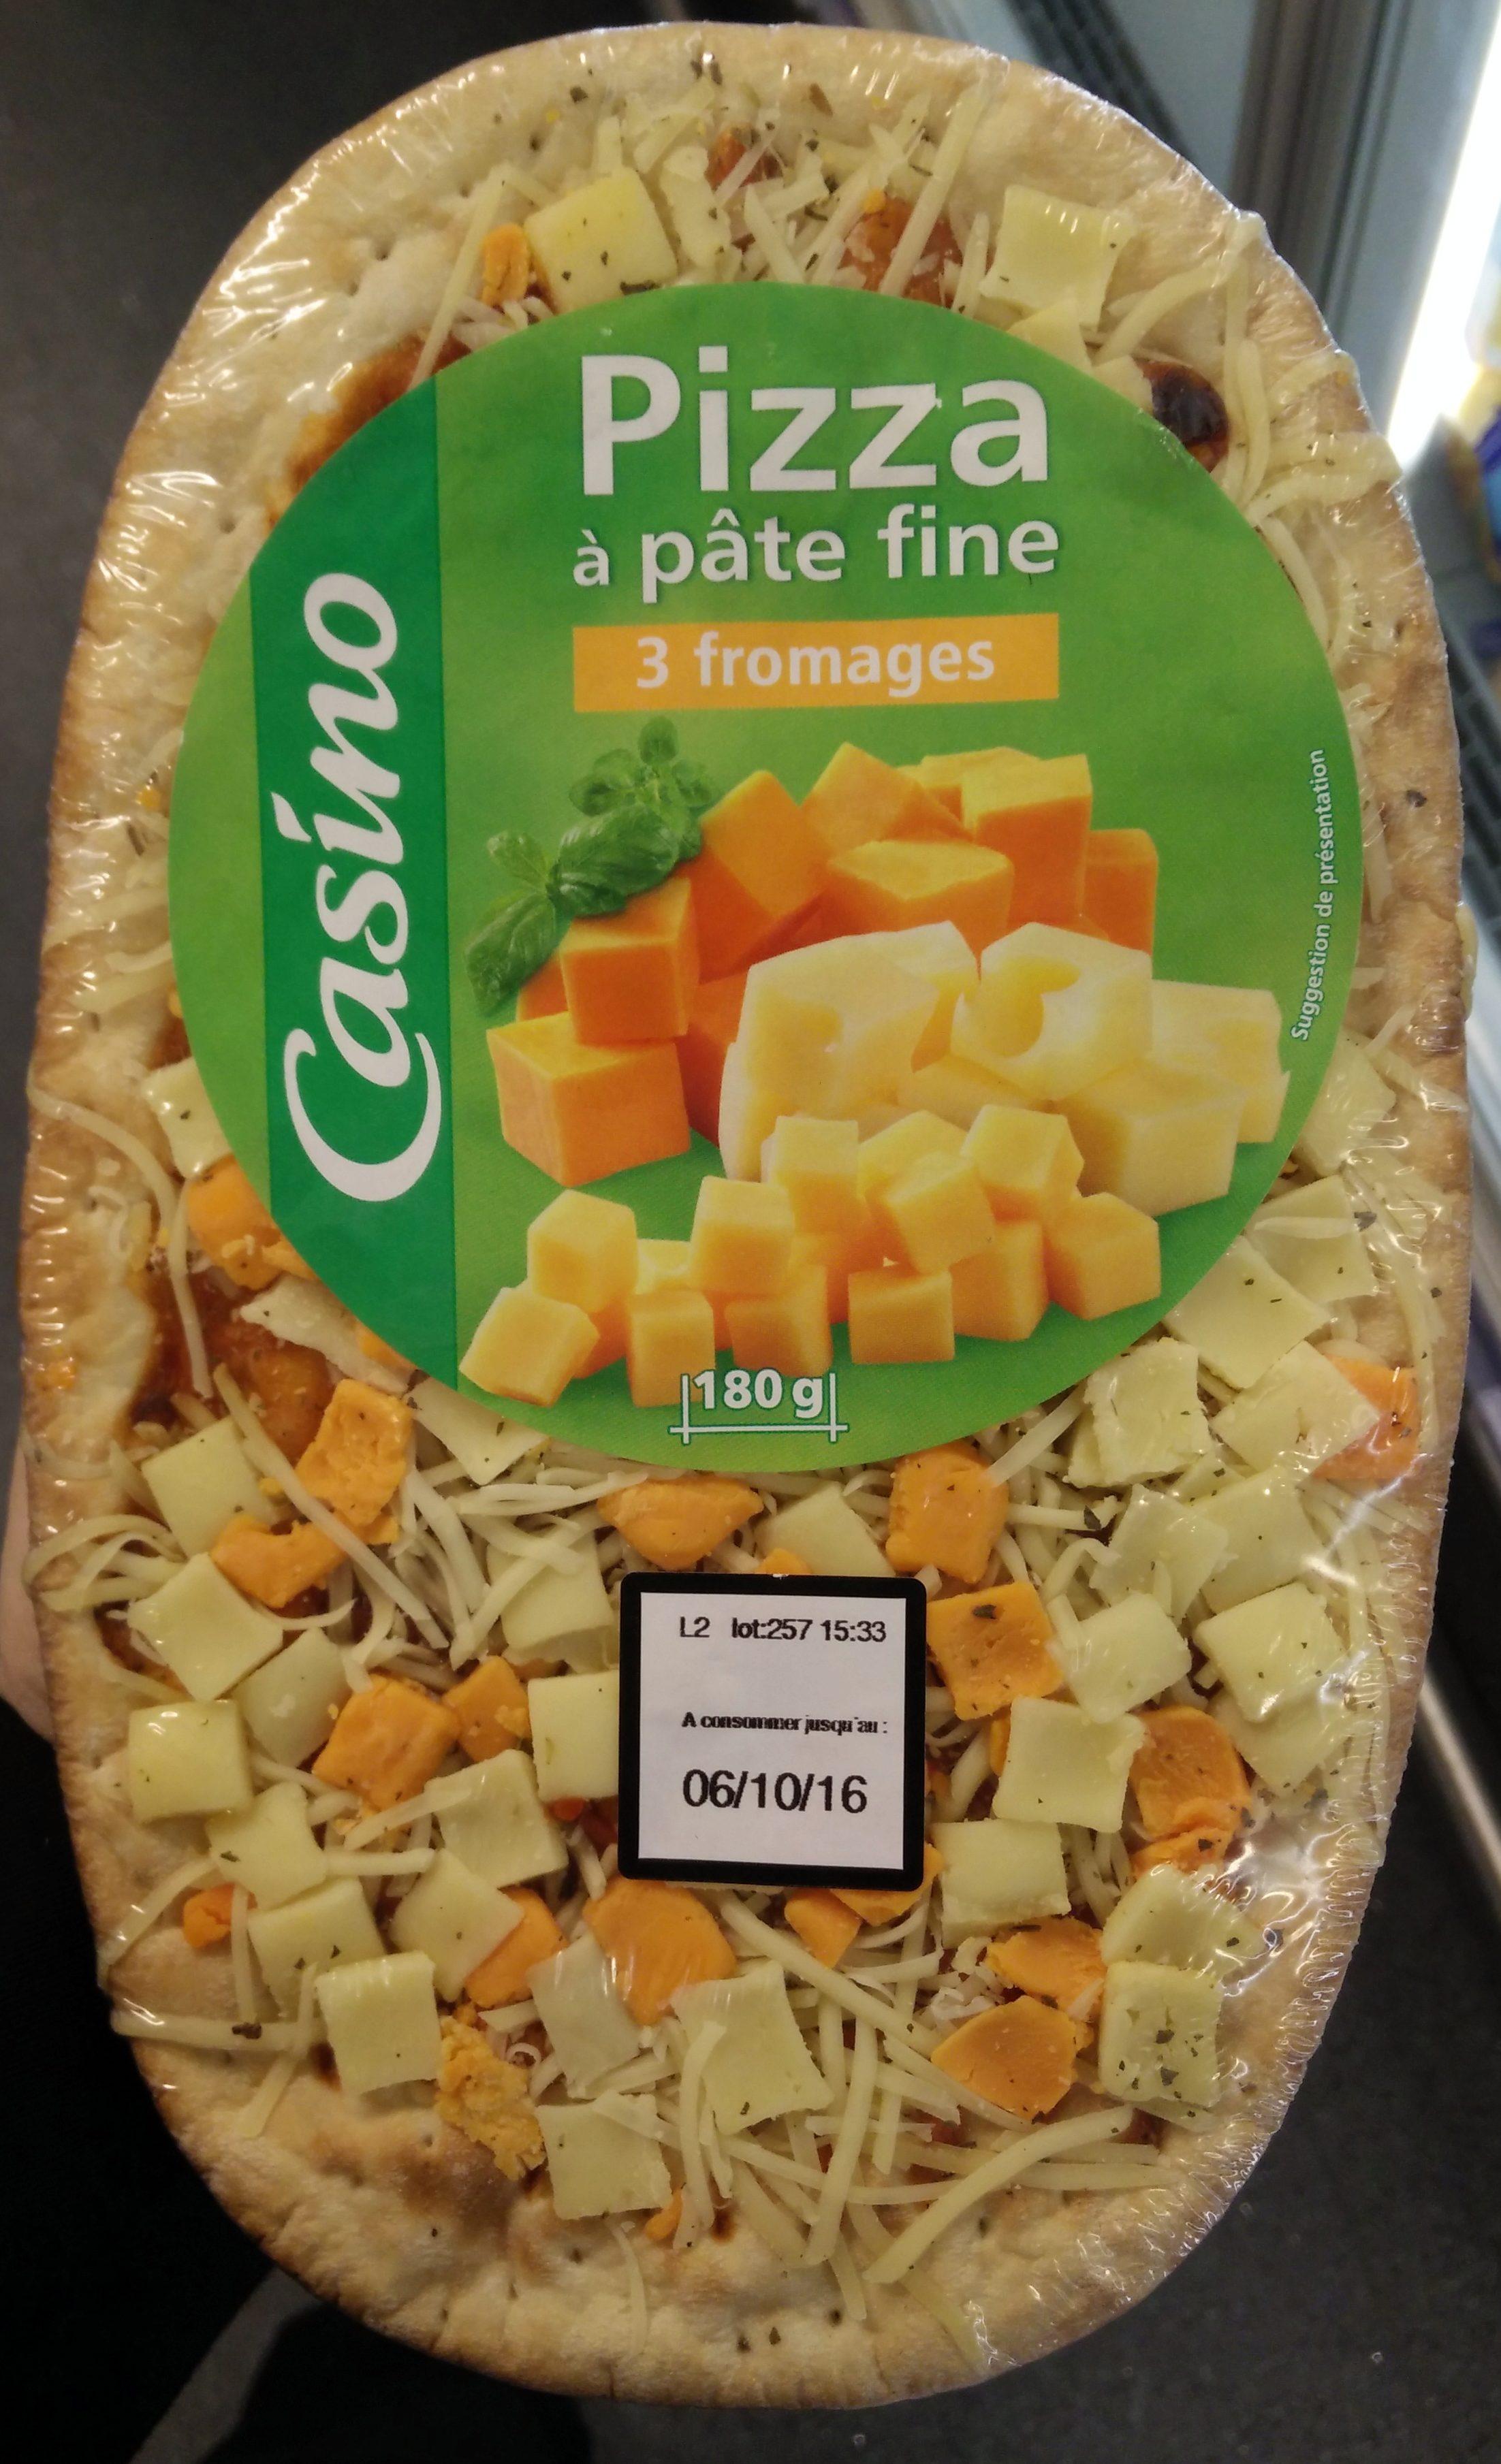 Pizza à pâte fine 3 fromage - Produit - fr